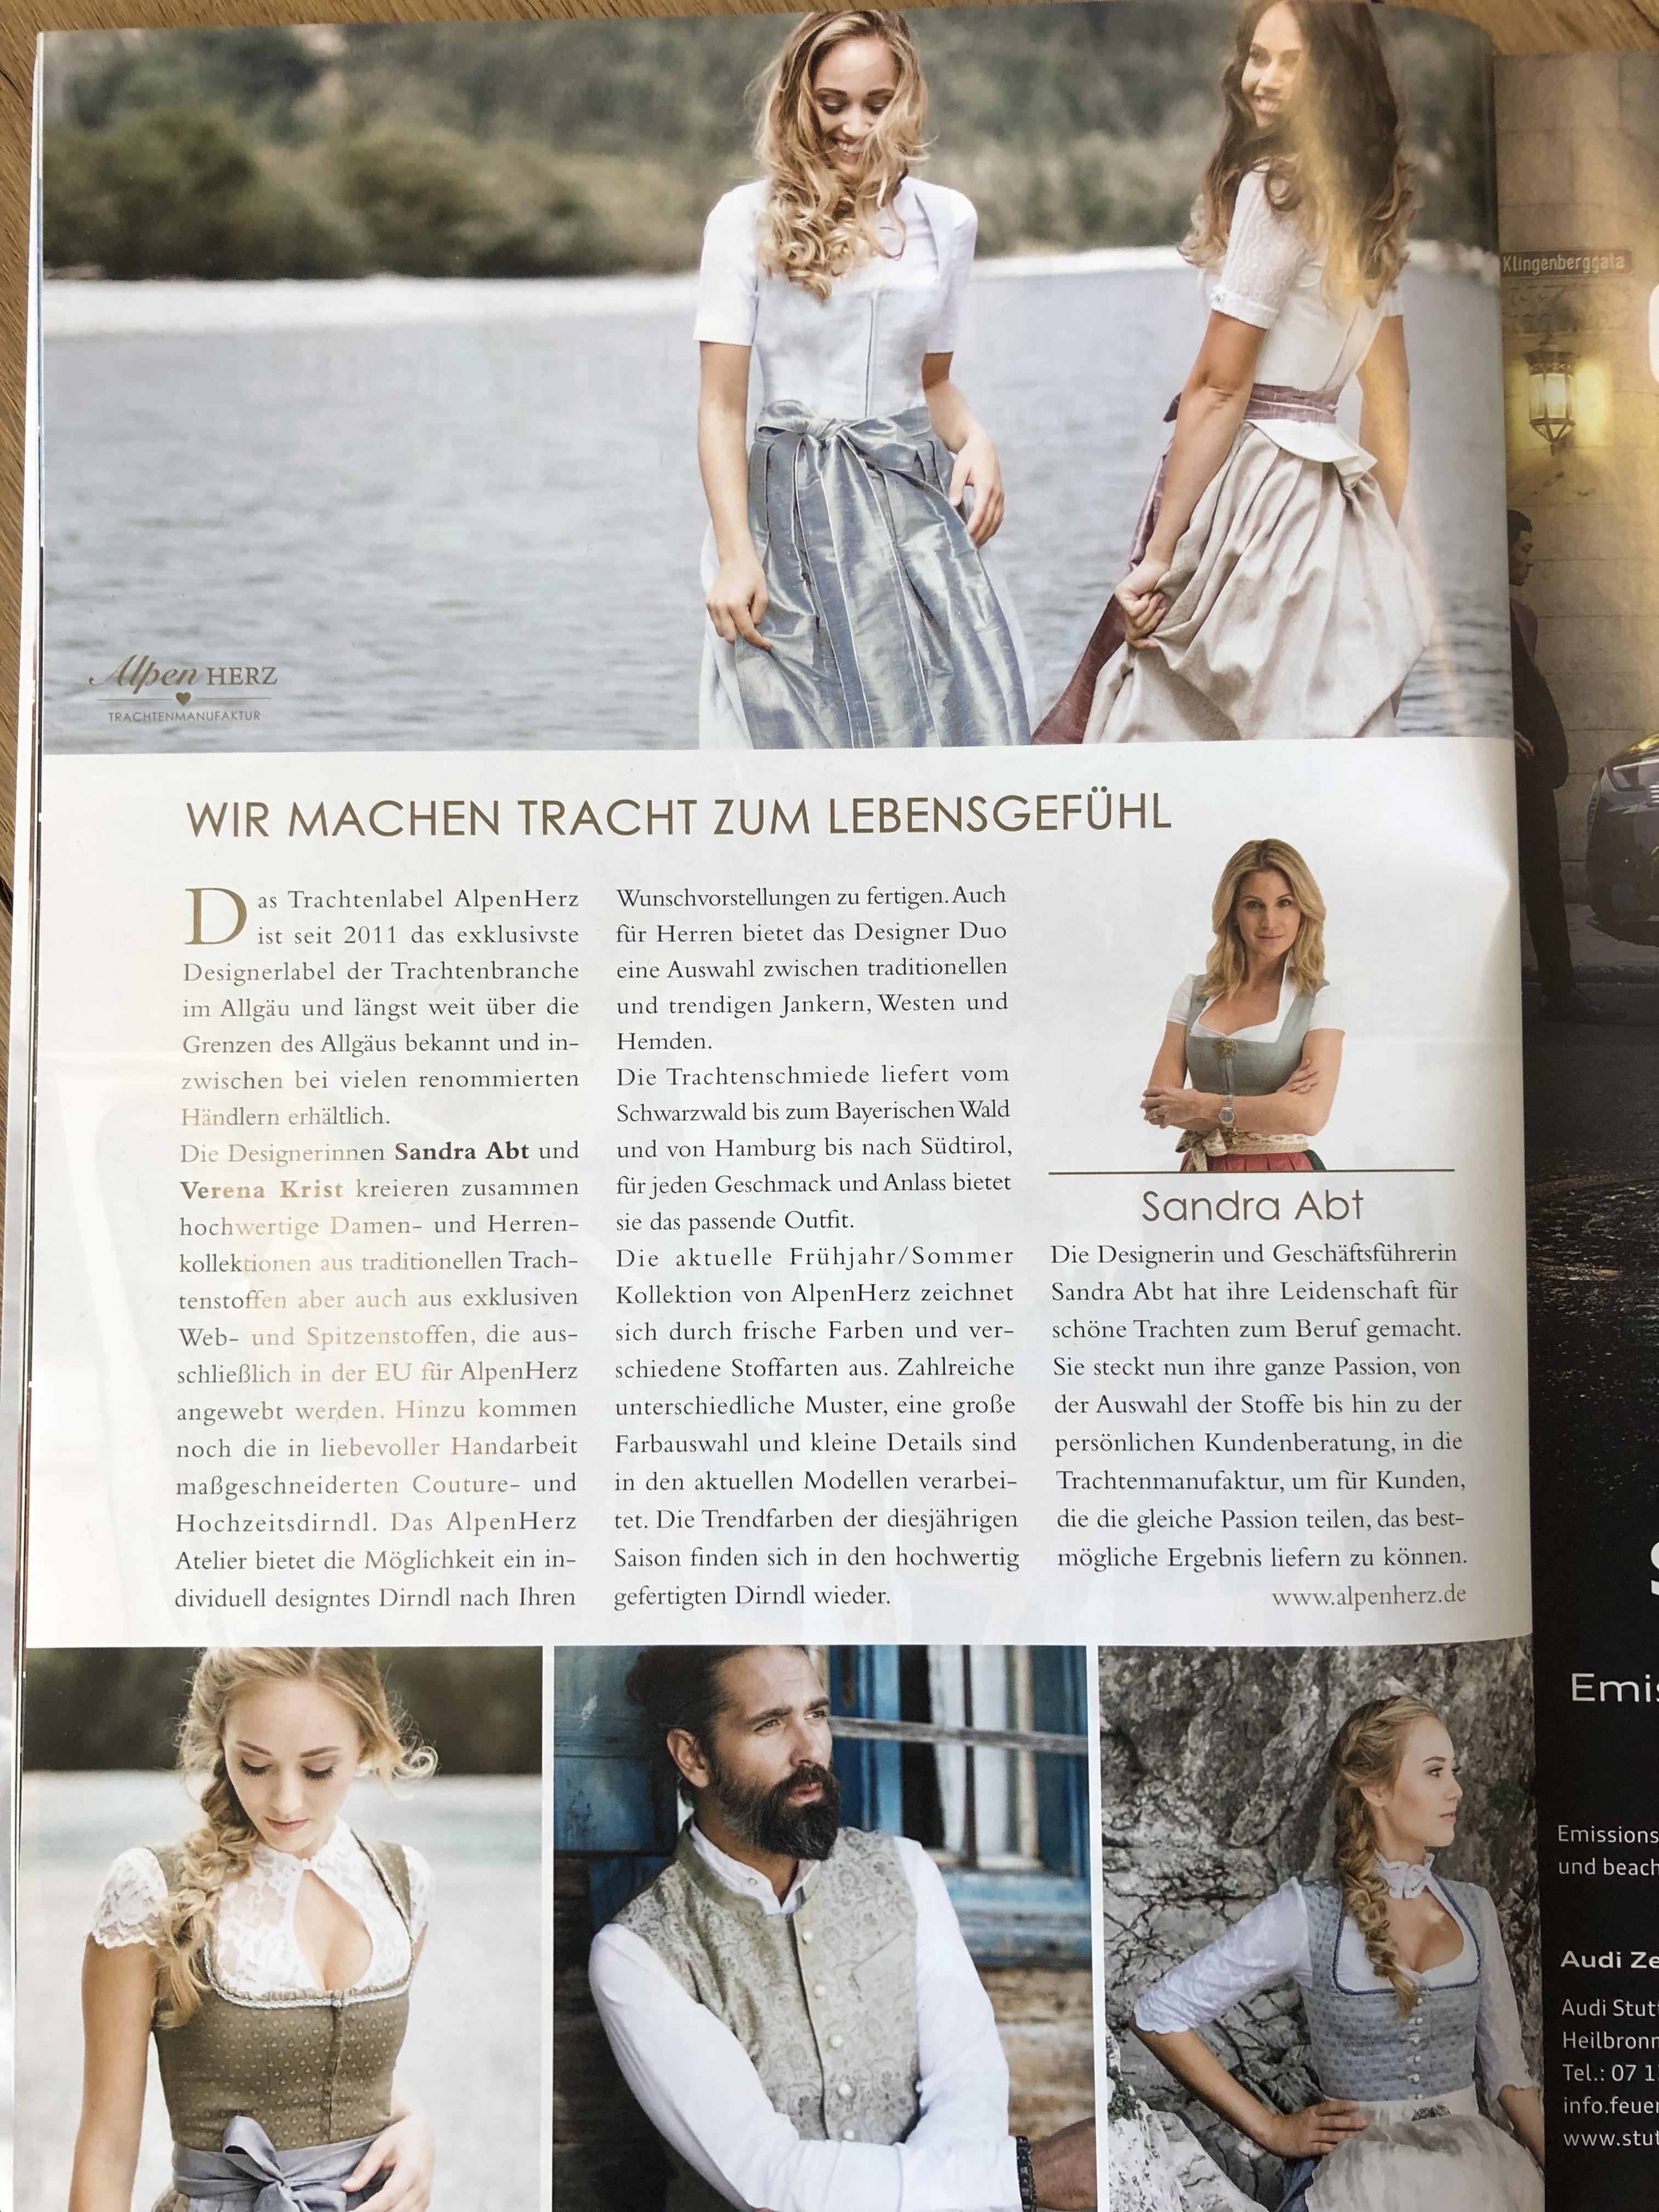 Premium Magazin feine addressen - finest stuttgart